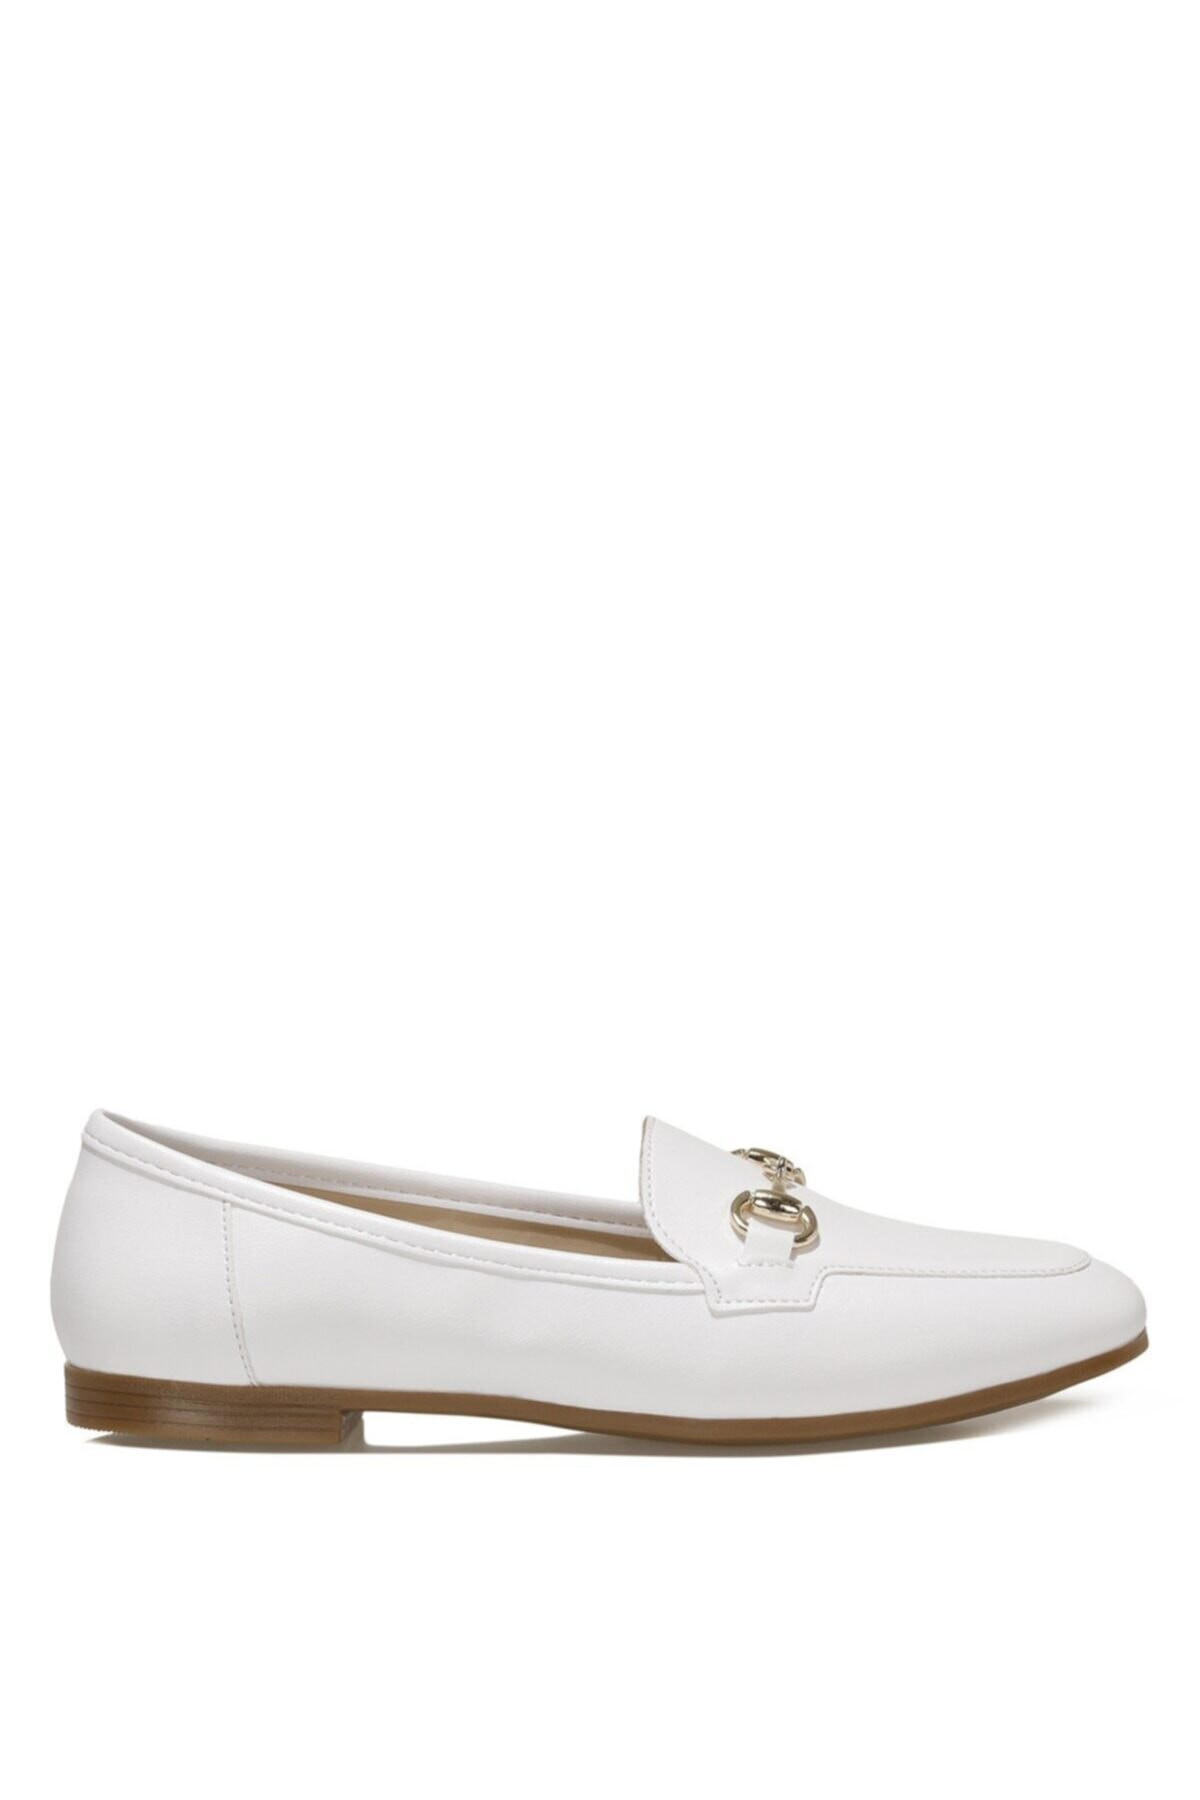 SIMA.Z 1FX Beyaz Kadın Loafer Ayakkabı 101038462